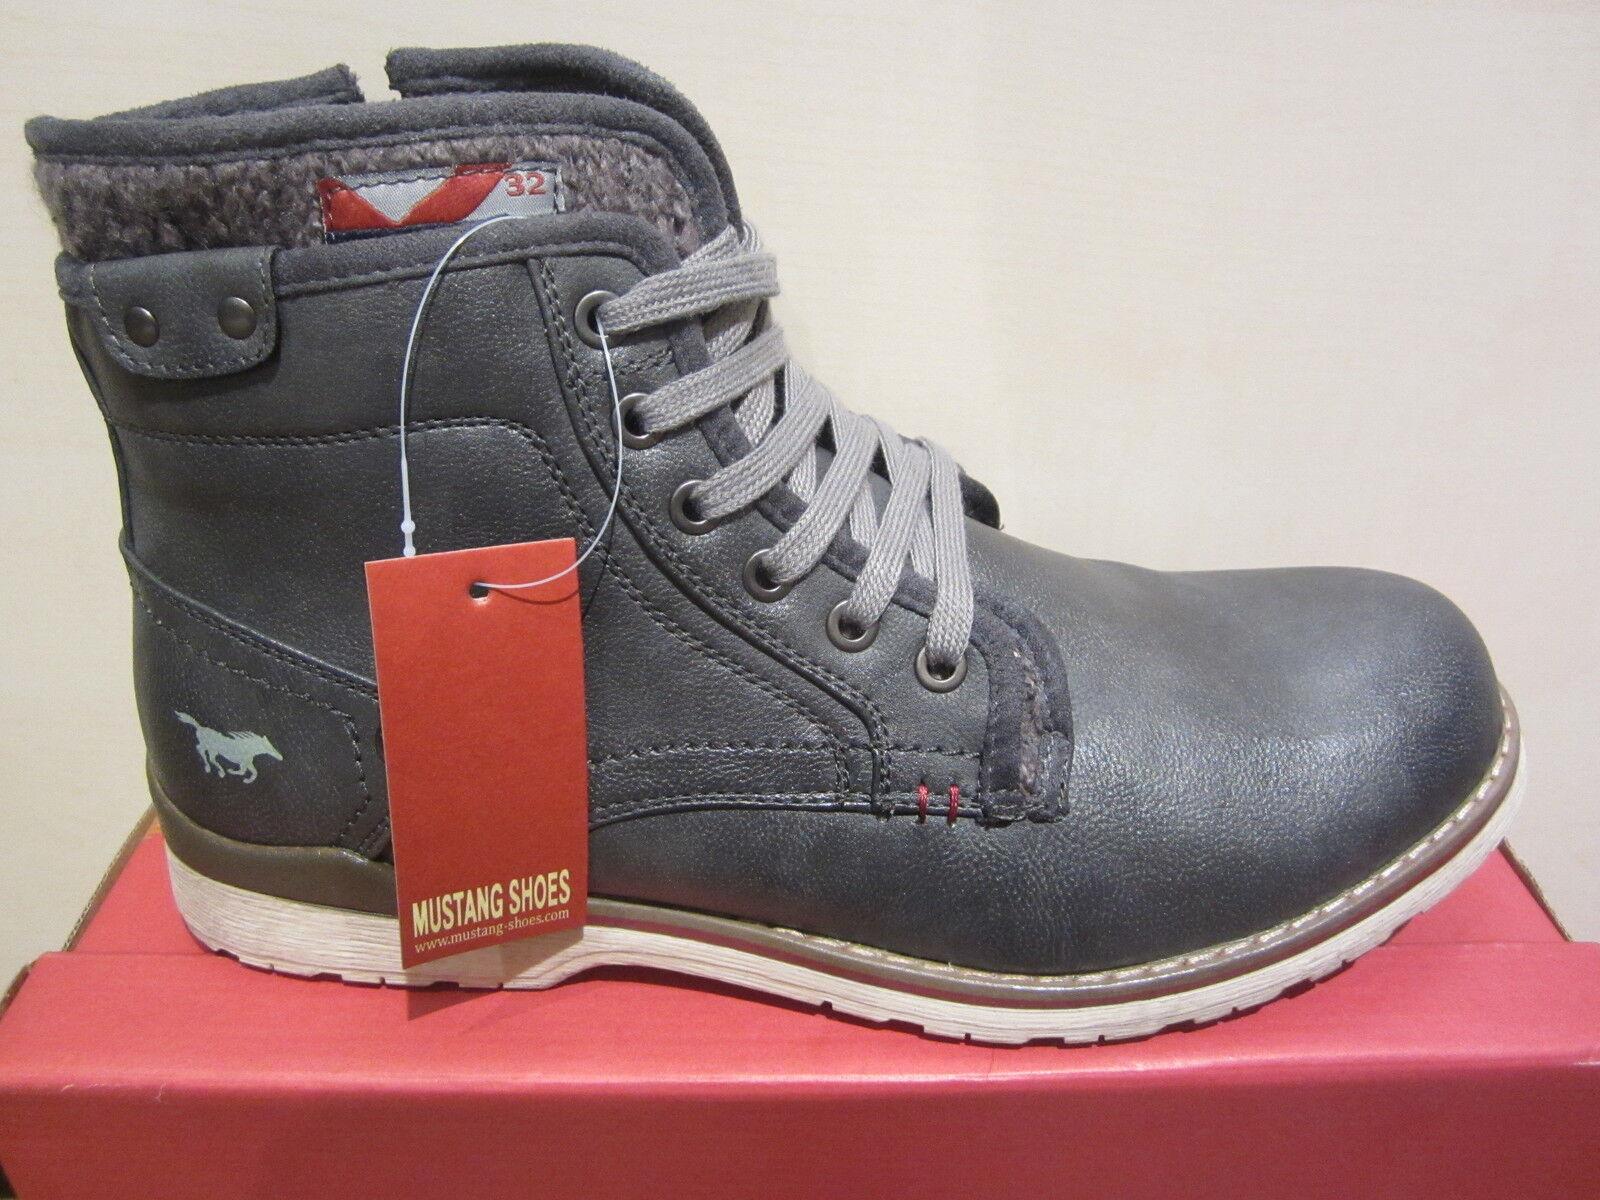 Mustang Stiefel Boots Schnürstiefel Winterstiefel mit RV, grau, Karofutter NEU